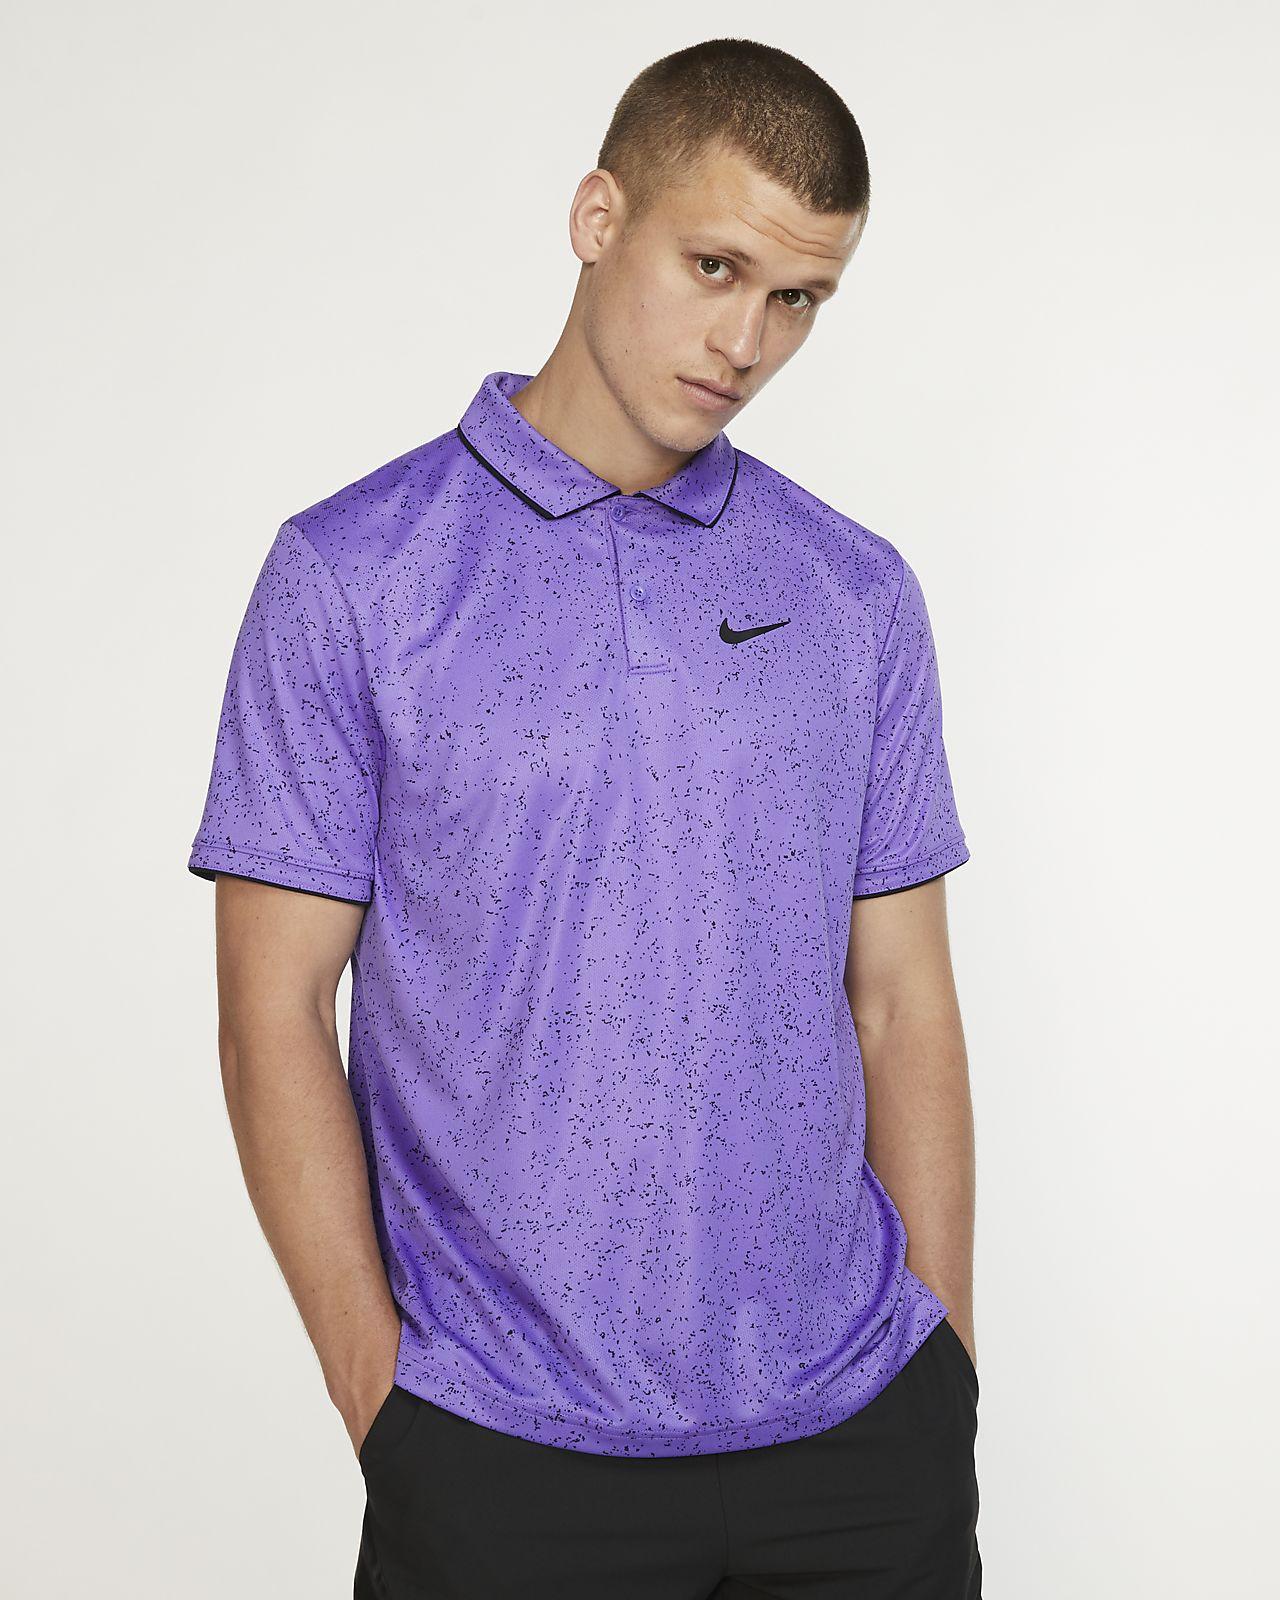 Мужская теннисная рубашка-поло с принтом NikeCourt Dri-FIT